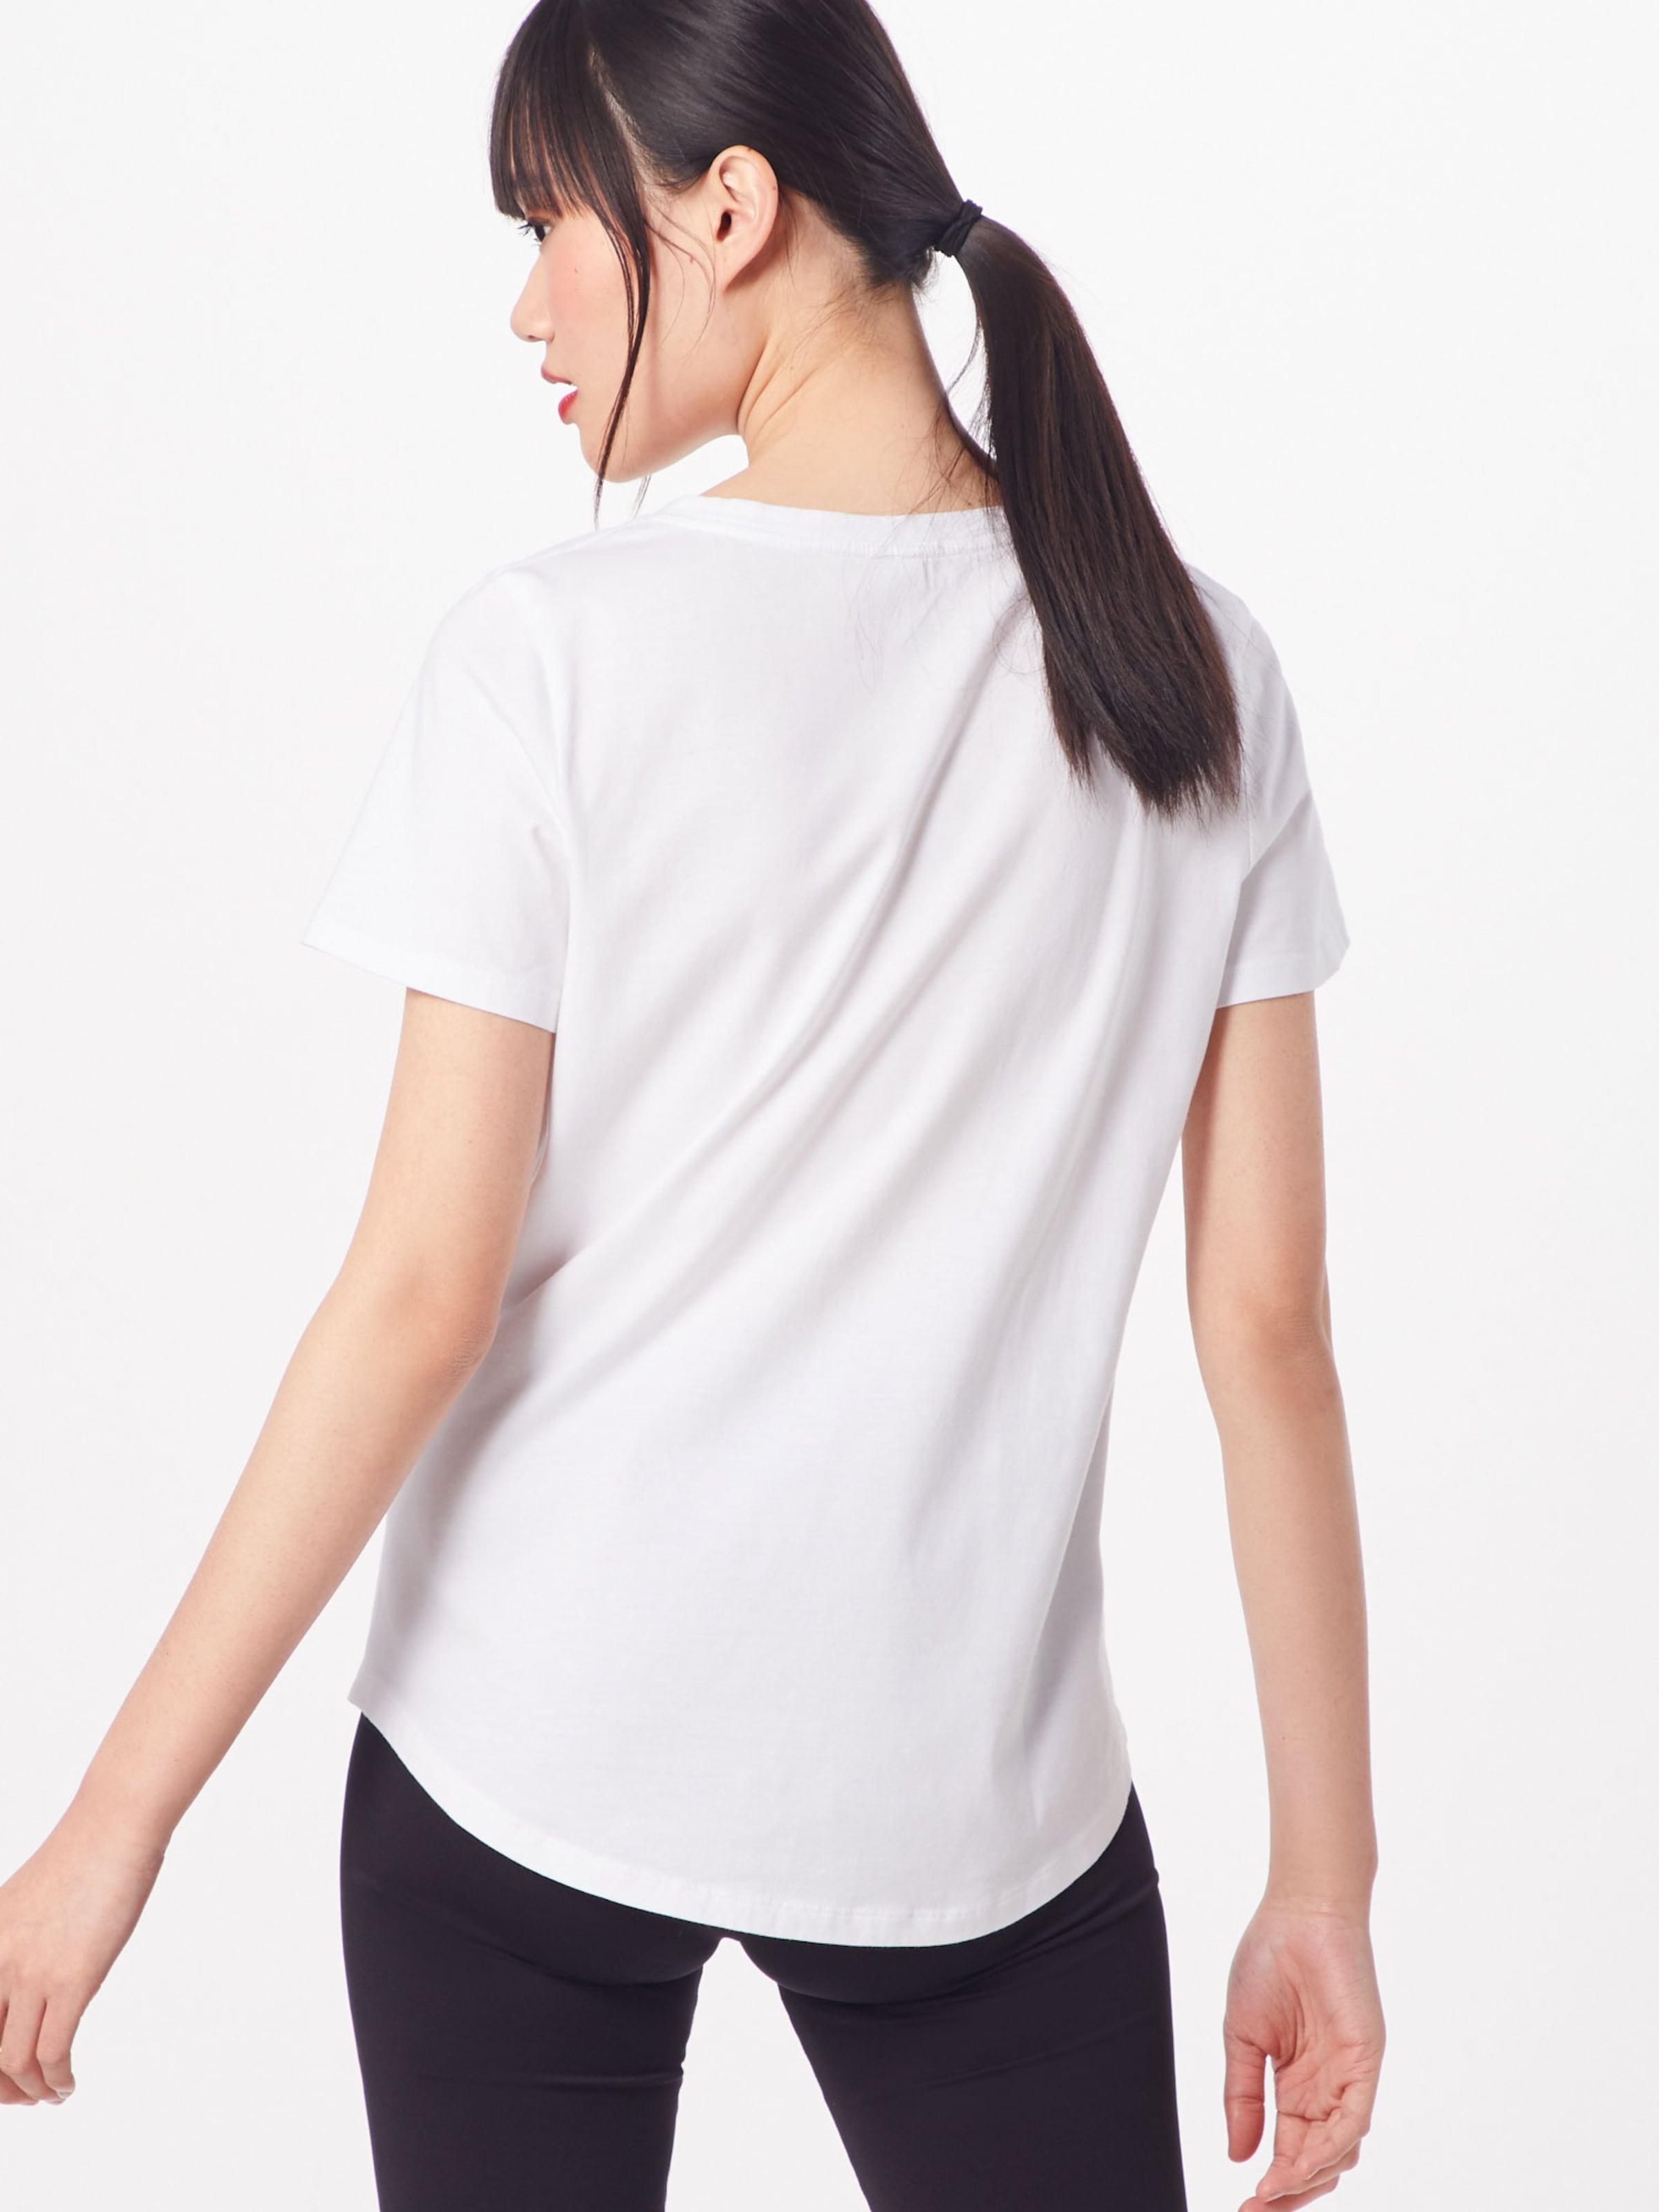 Supima 'ss Vee En T Blanc Banana Republic shirt Relaunch' 1JFTc3lK